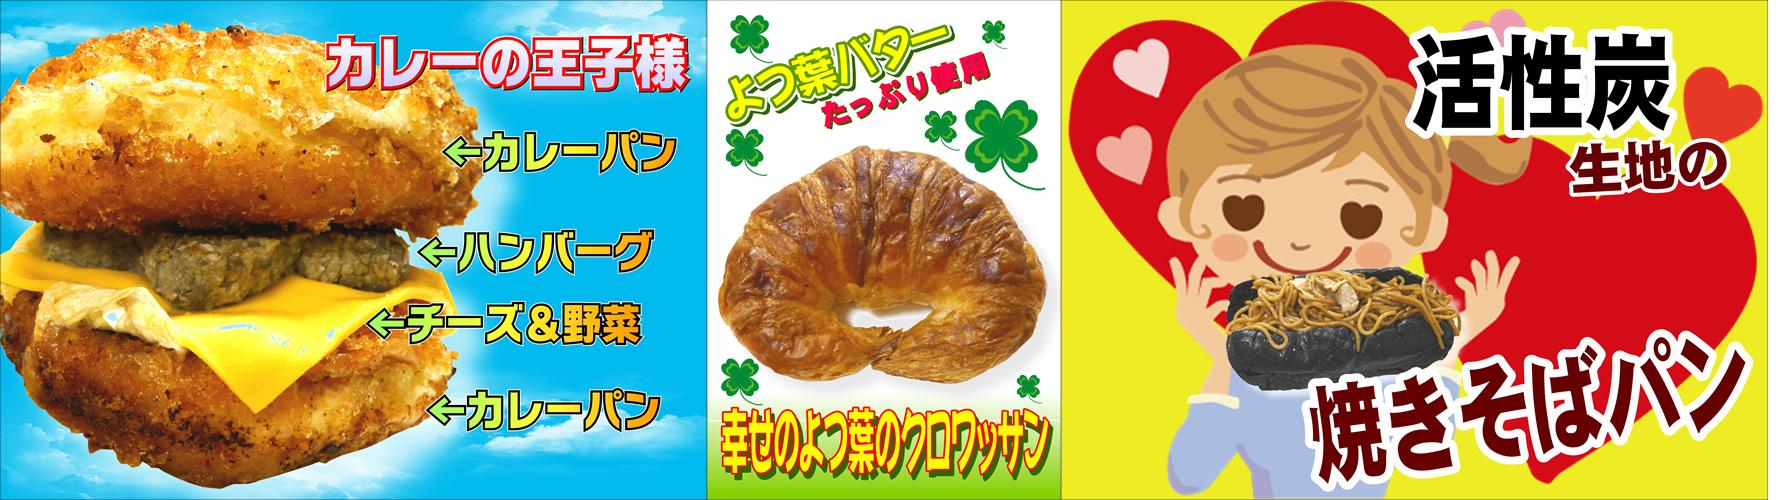 マル井パン(垂水の陸ノマル井パン)お得情報!(2020/8/24)